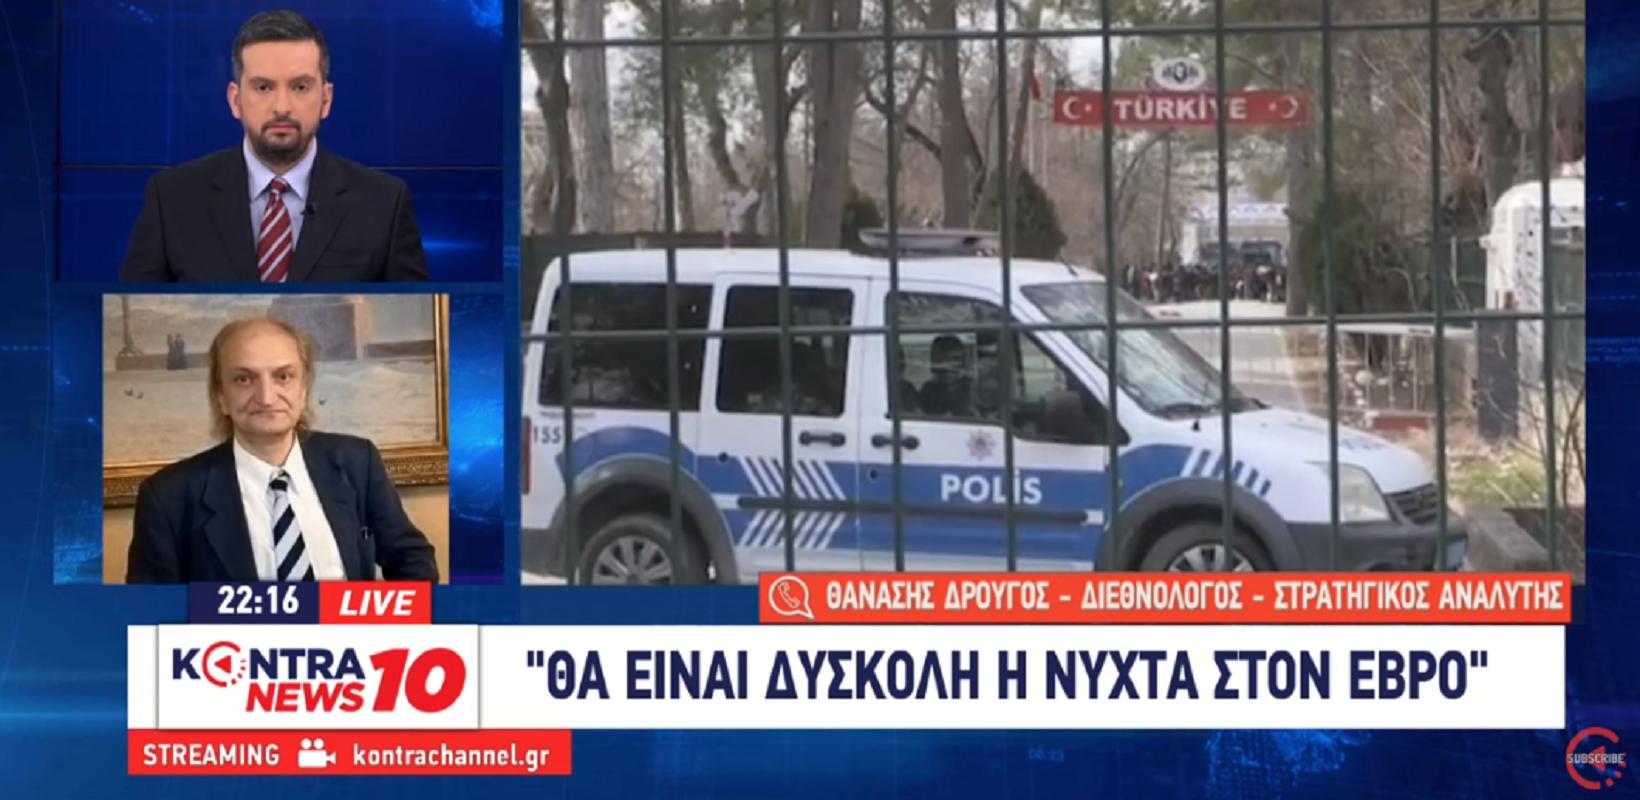 """🇹🇷 🇸🇾 🇷🇺 Θανάσης Δρούγος: """"Κρίσιμα τα επόμενα 24ώρα για Τουρκία Συρία Ρωσία και πρόσφυγες στον Έβρο"""" [ΒΙΝΤΕΟ]"""